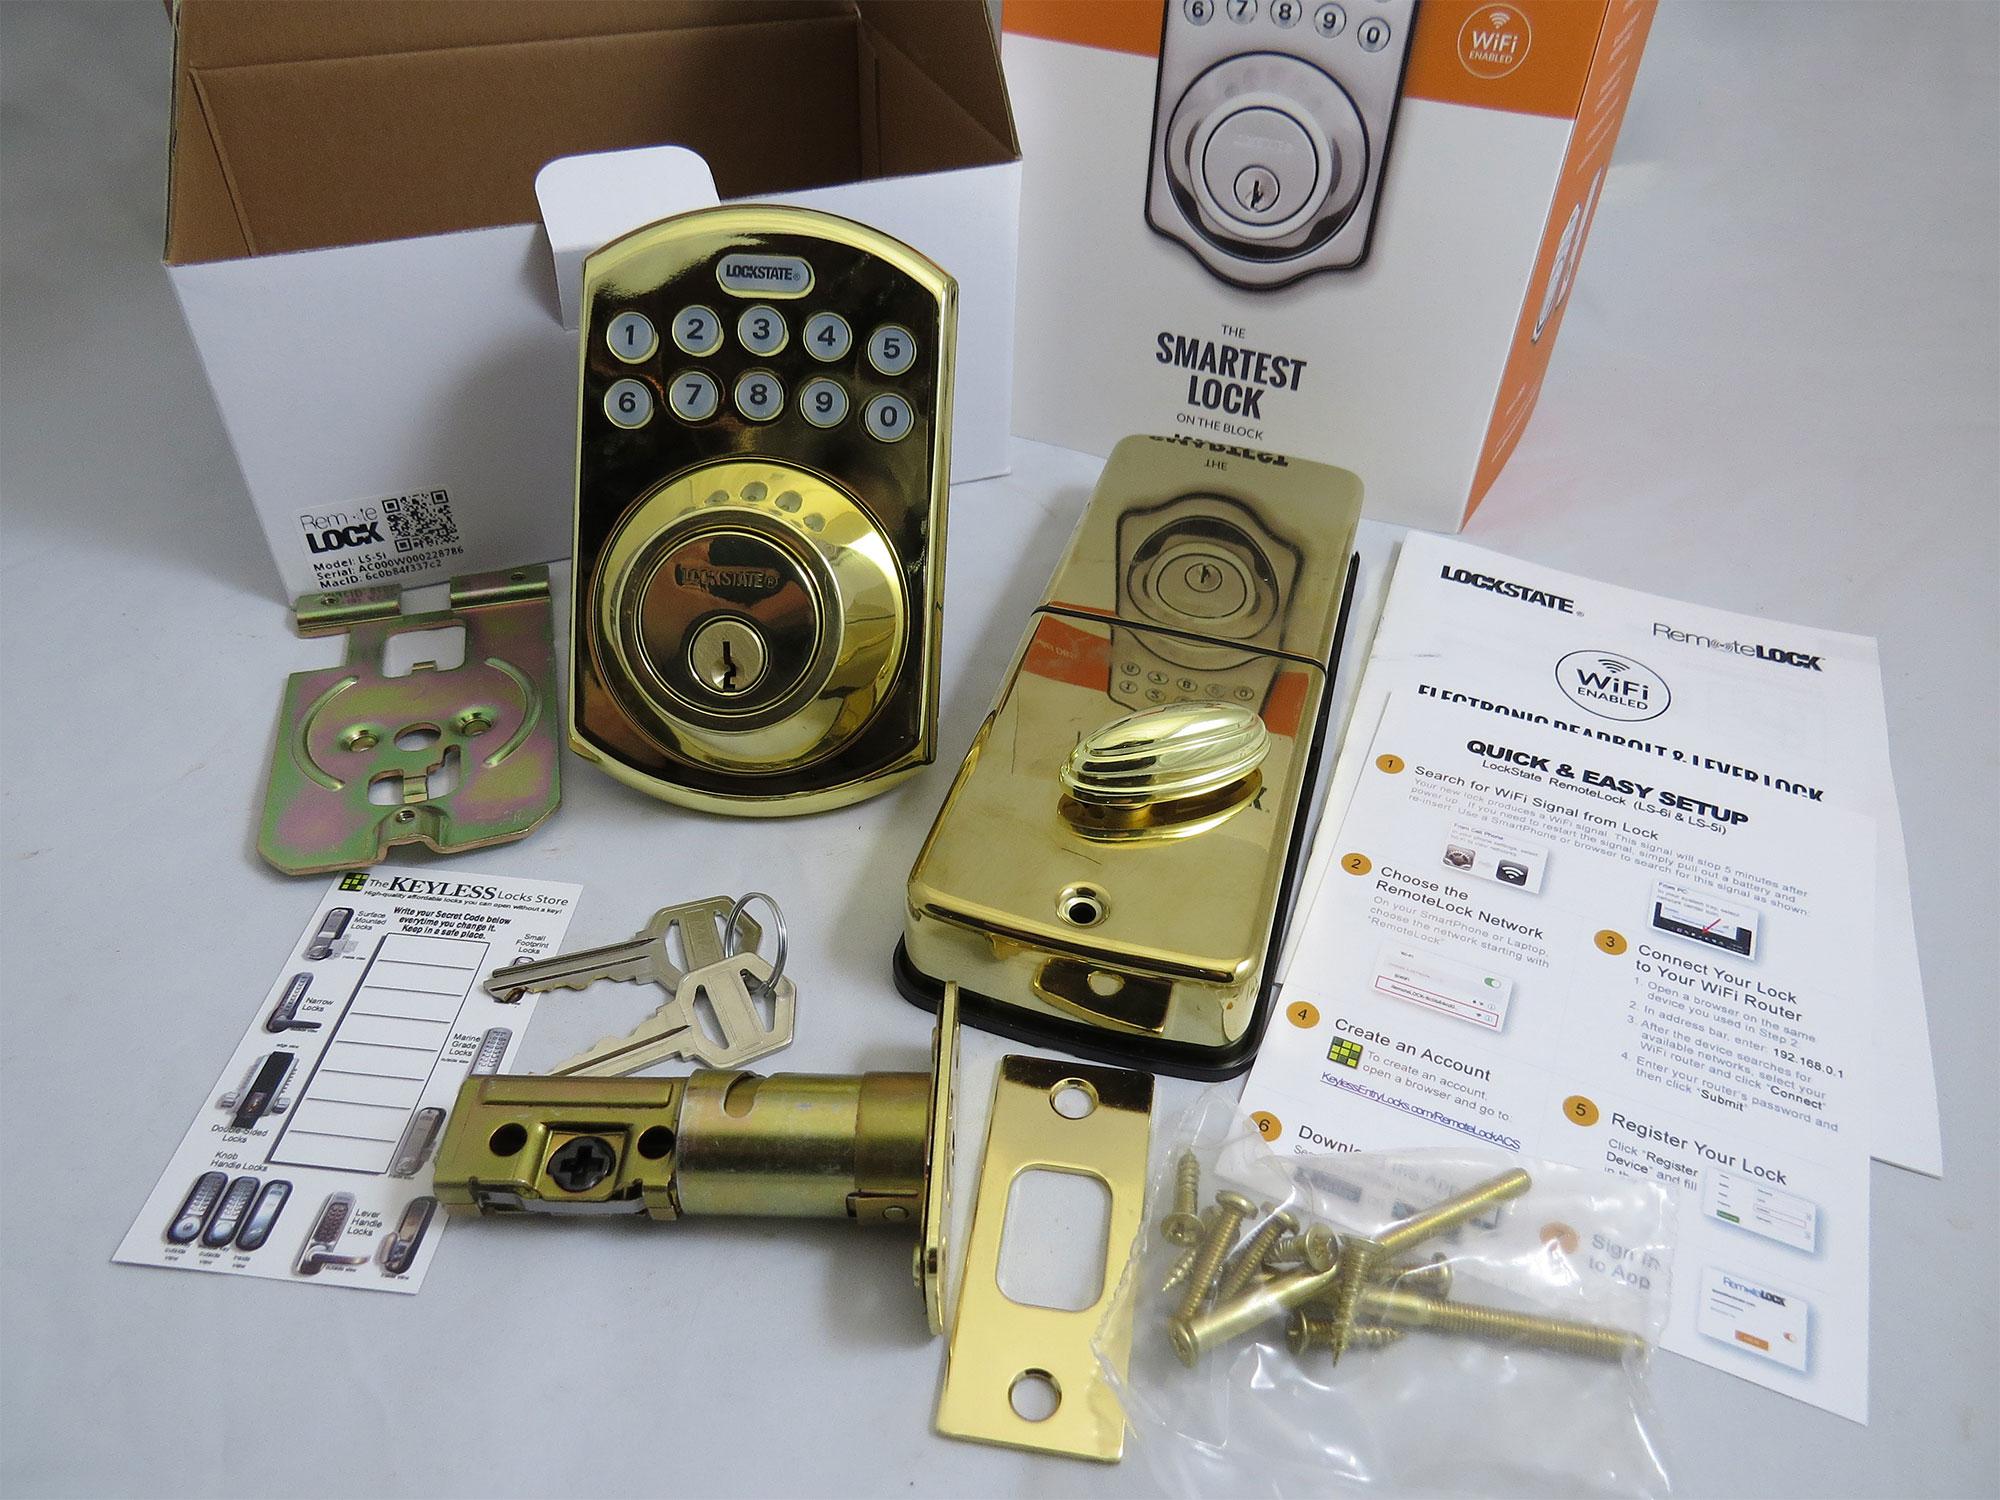 lockstate remotelock ls5ib deadbolt lock wifienabled - Wifi Deadbolt